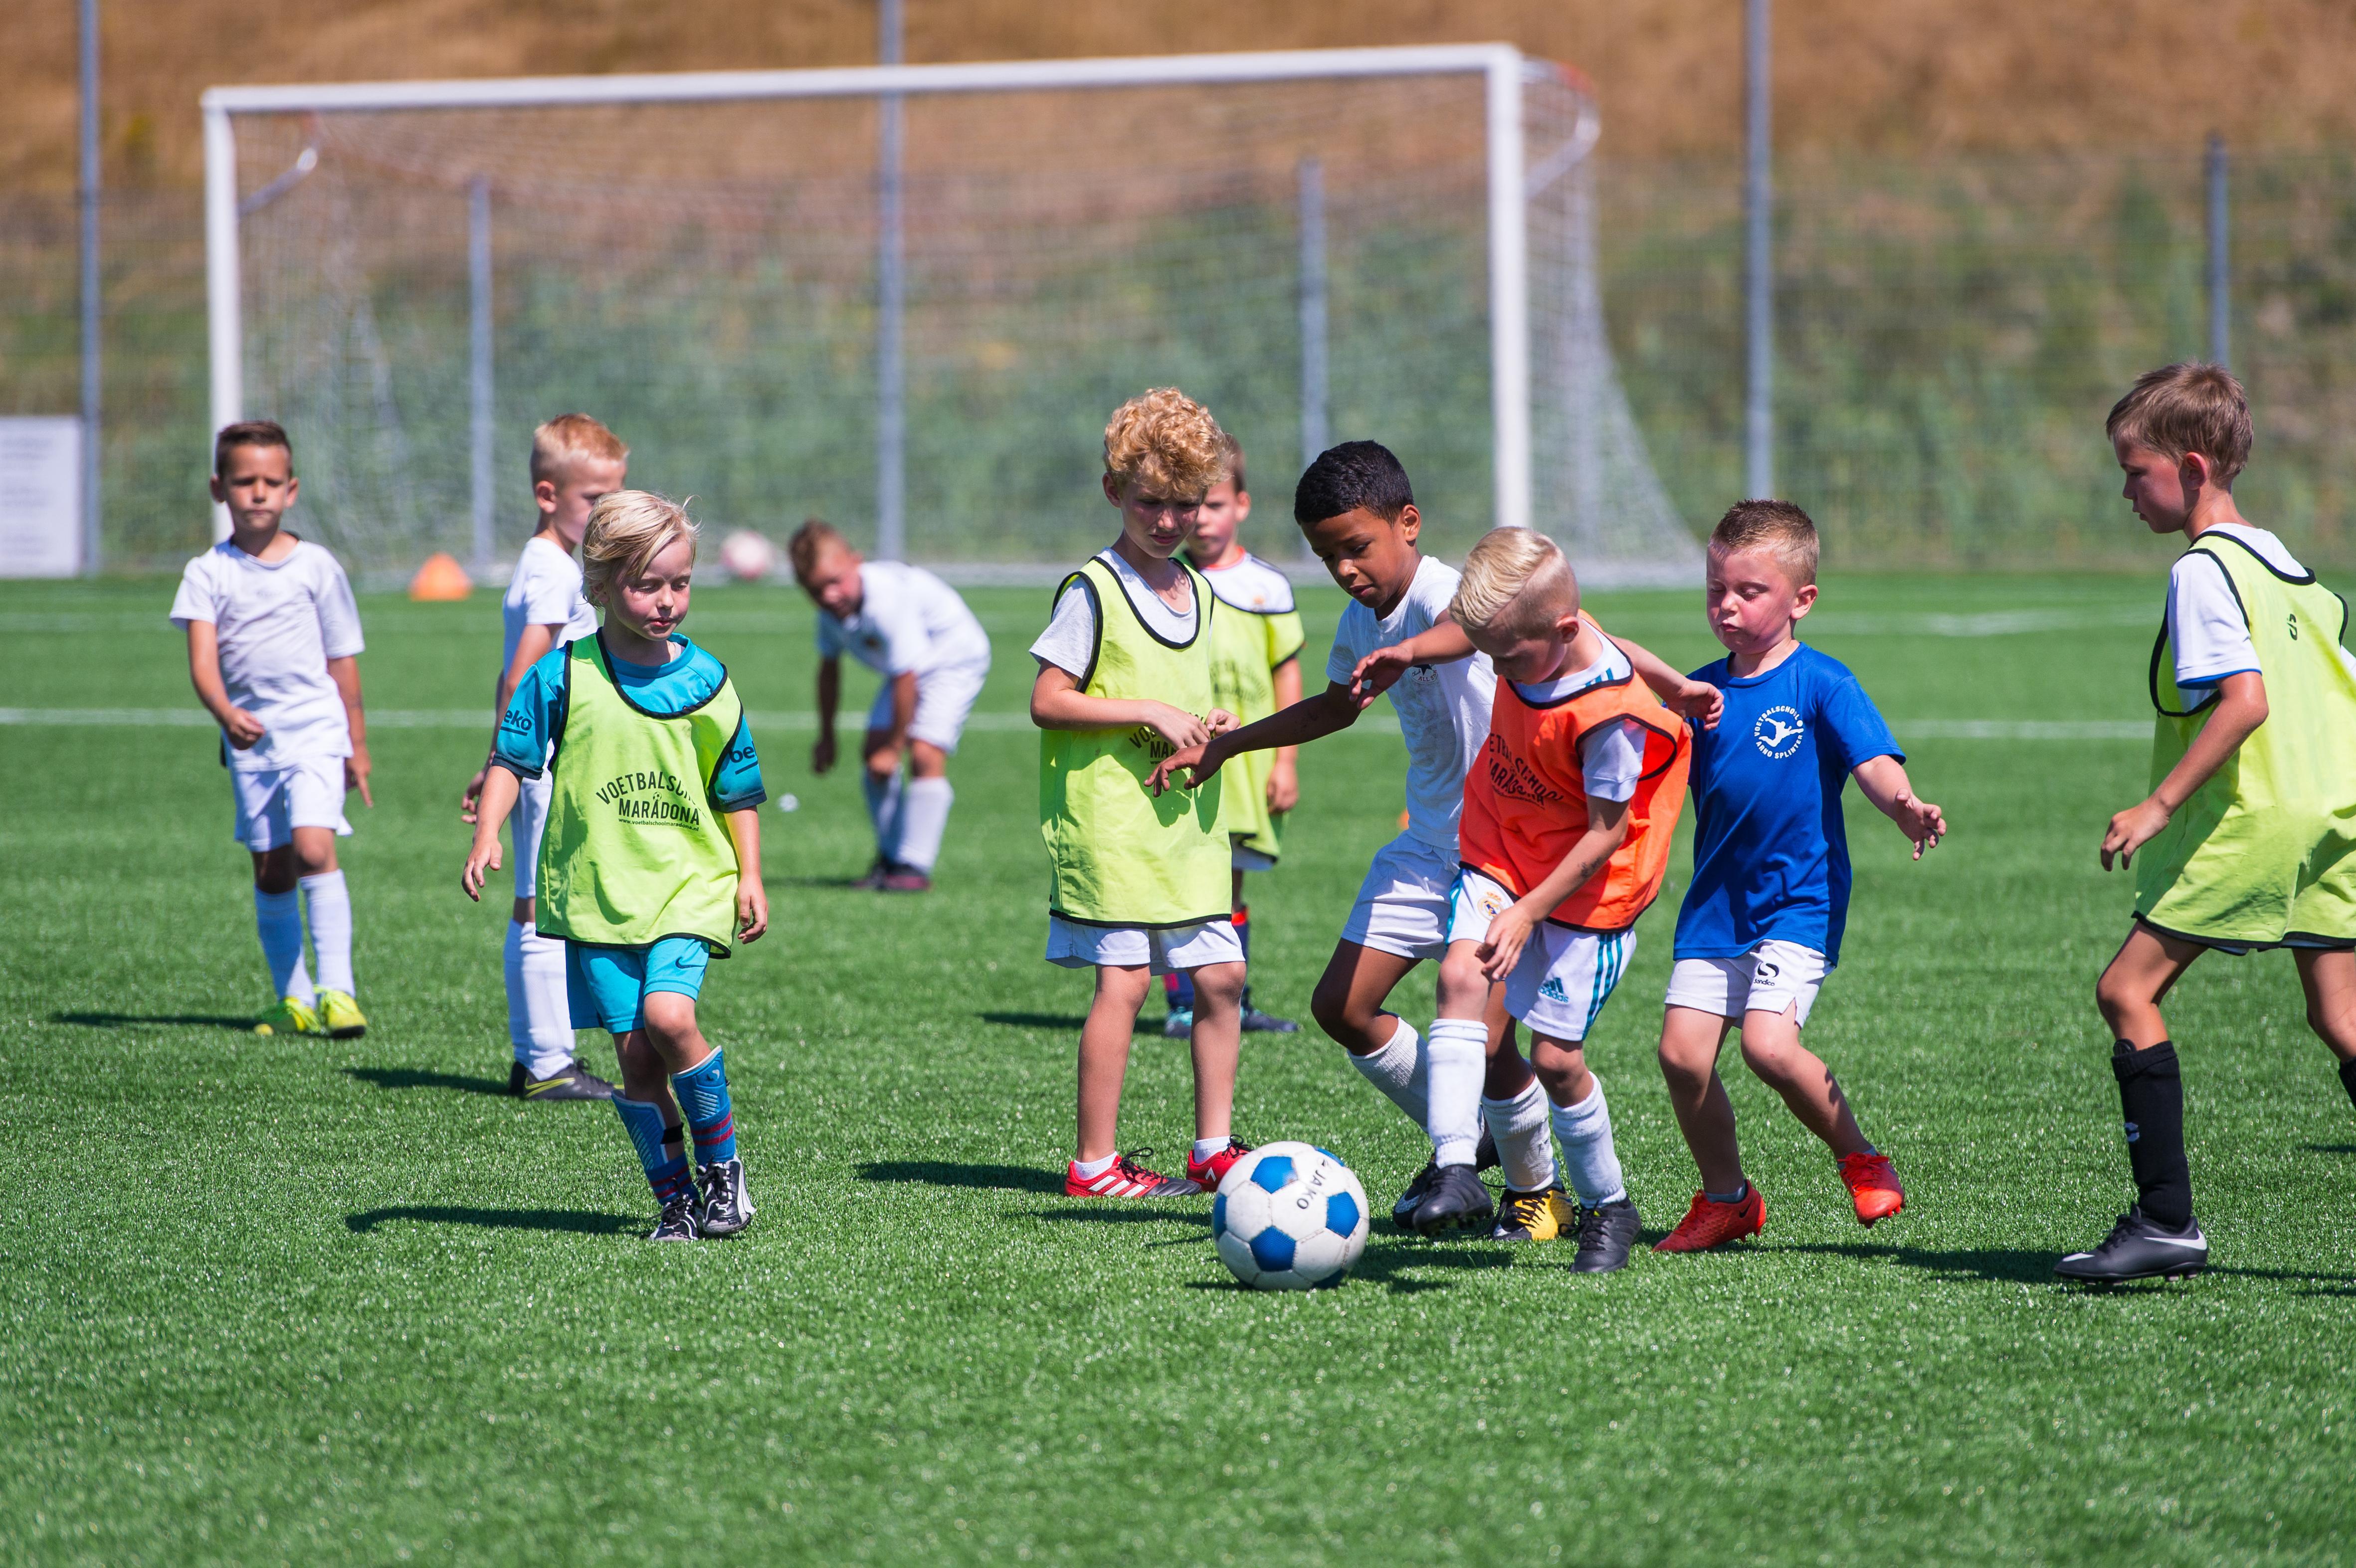 Kiezen hoeft niet meer bij voetbalvereniging ZOB uit Zuidoostbeemster; er is straks plek voor iedereen